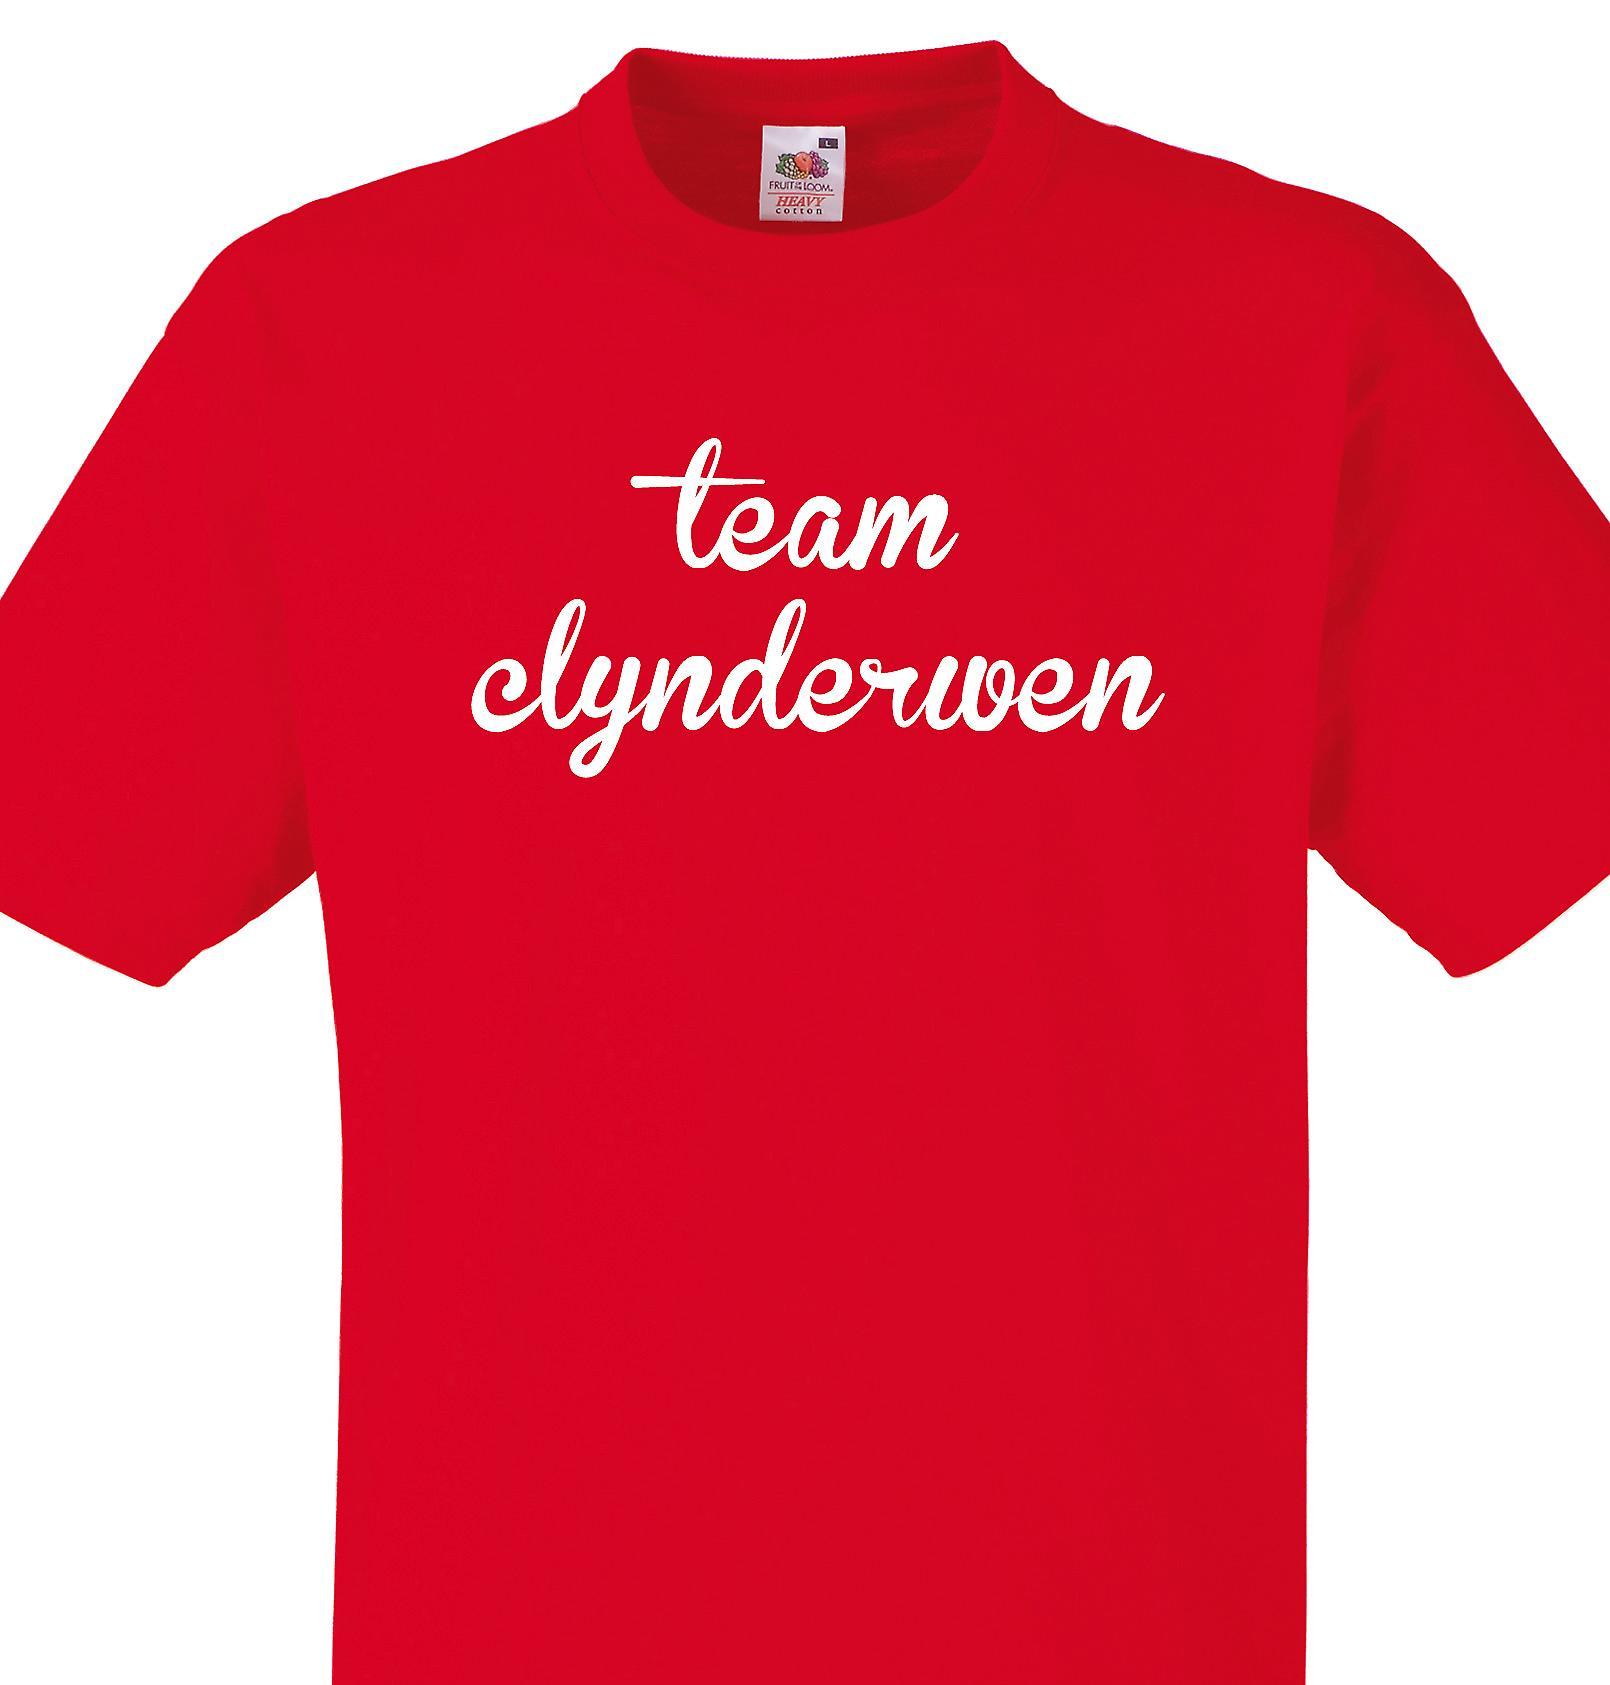 Team Clynderwen Red T shirt